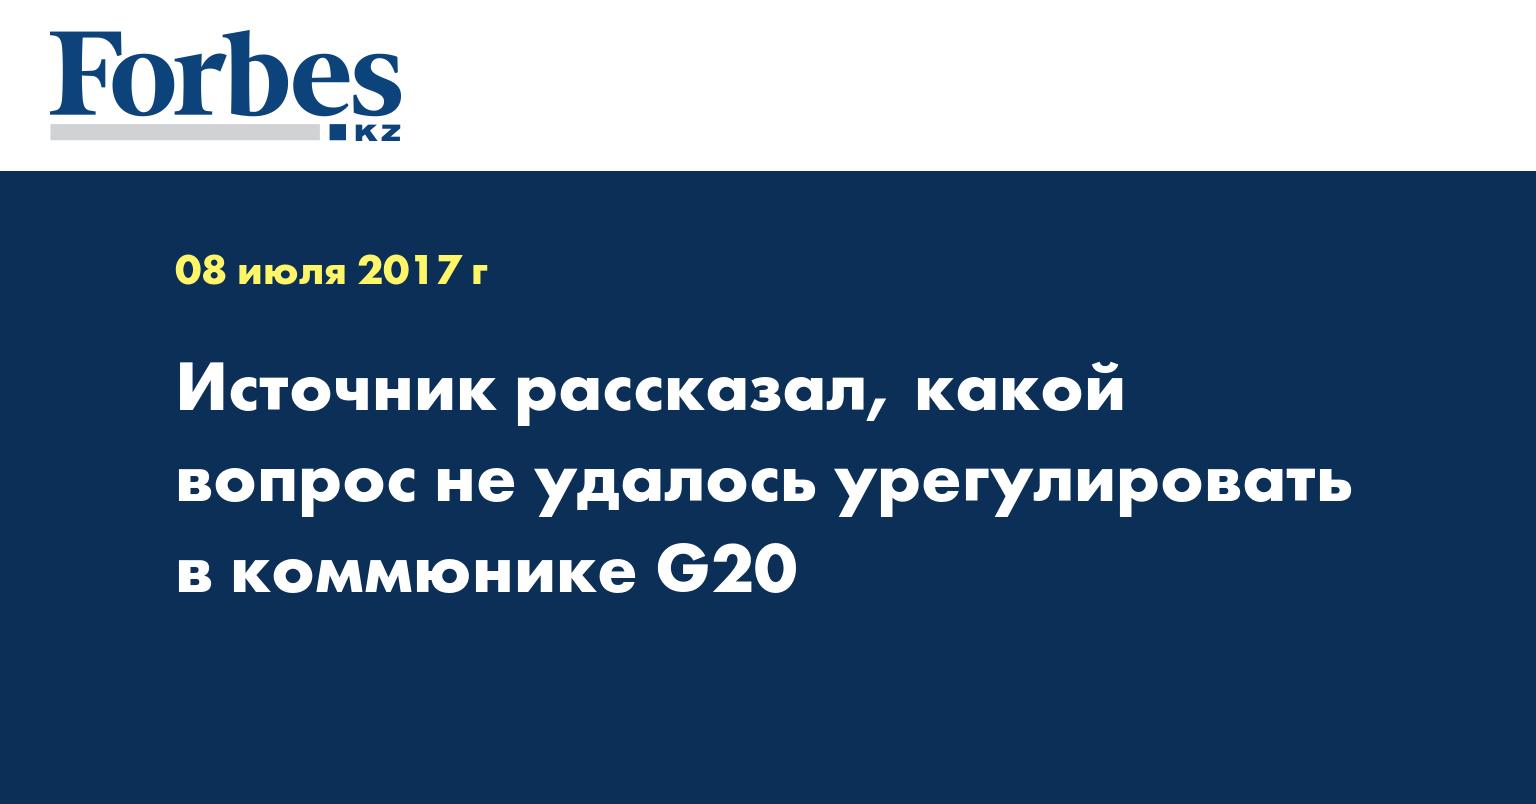 Источник рассказал, какой вопрос не удалось урегулировать в коммюнике G20